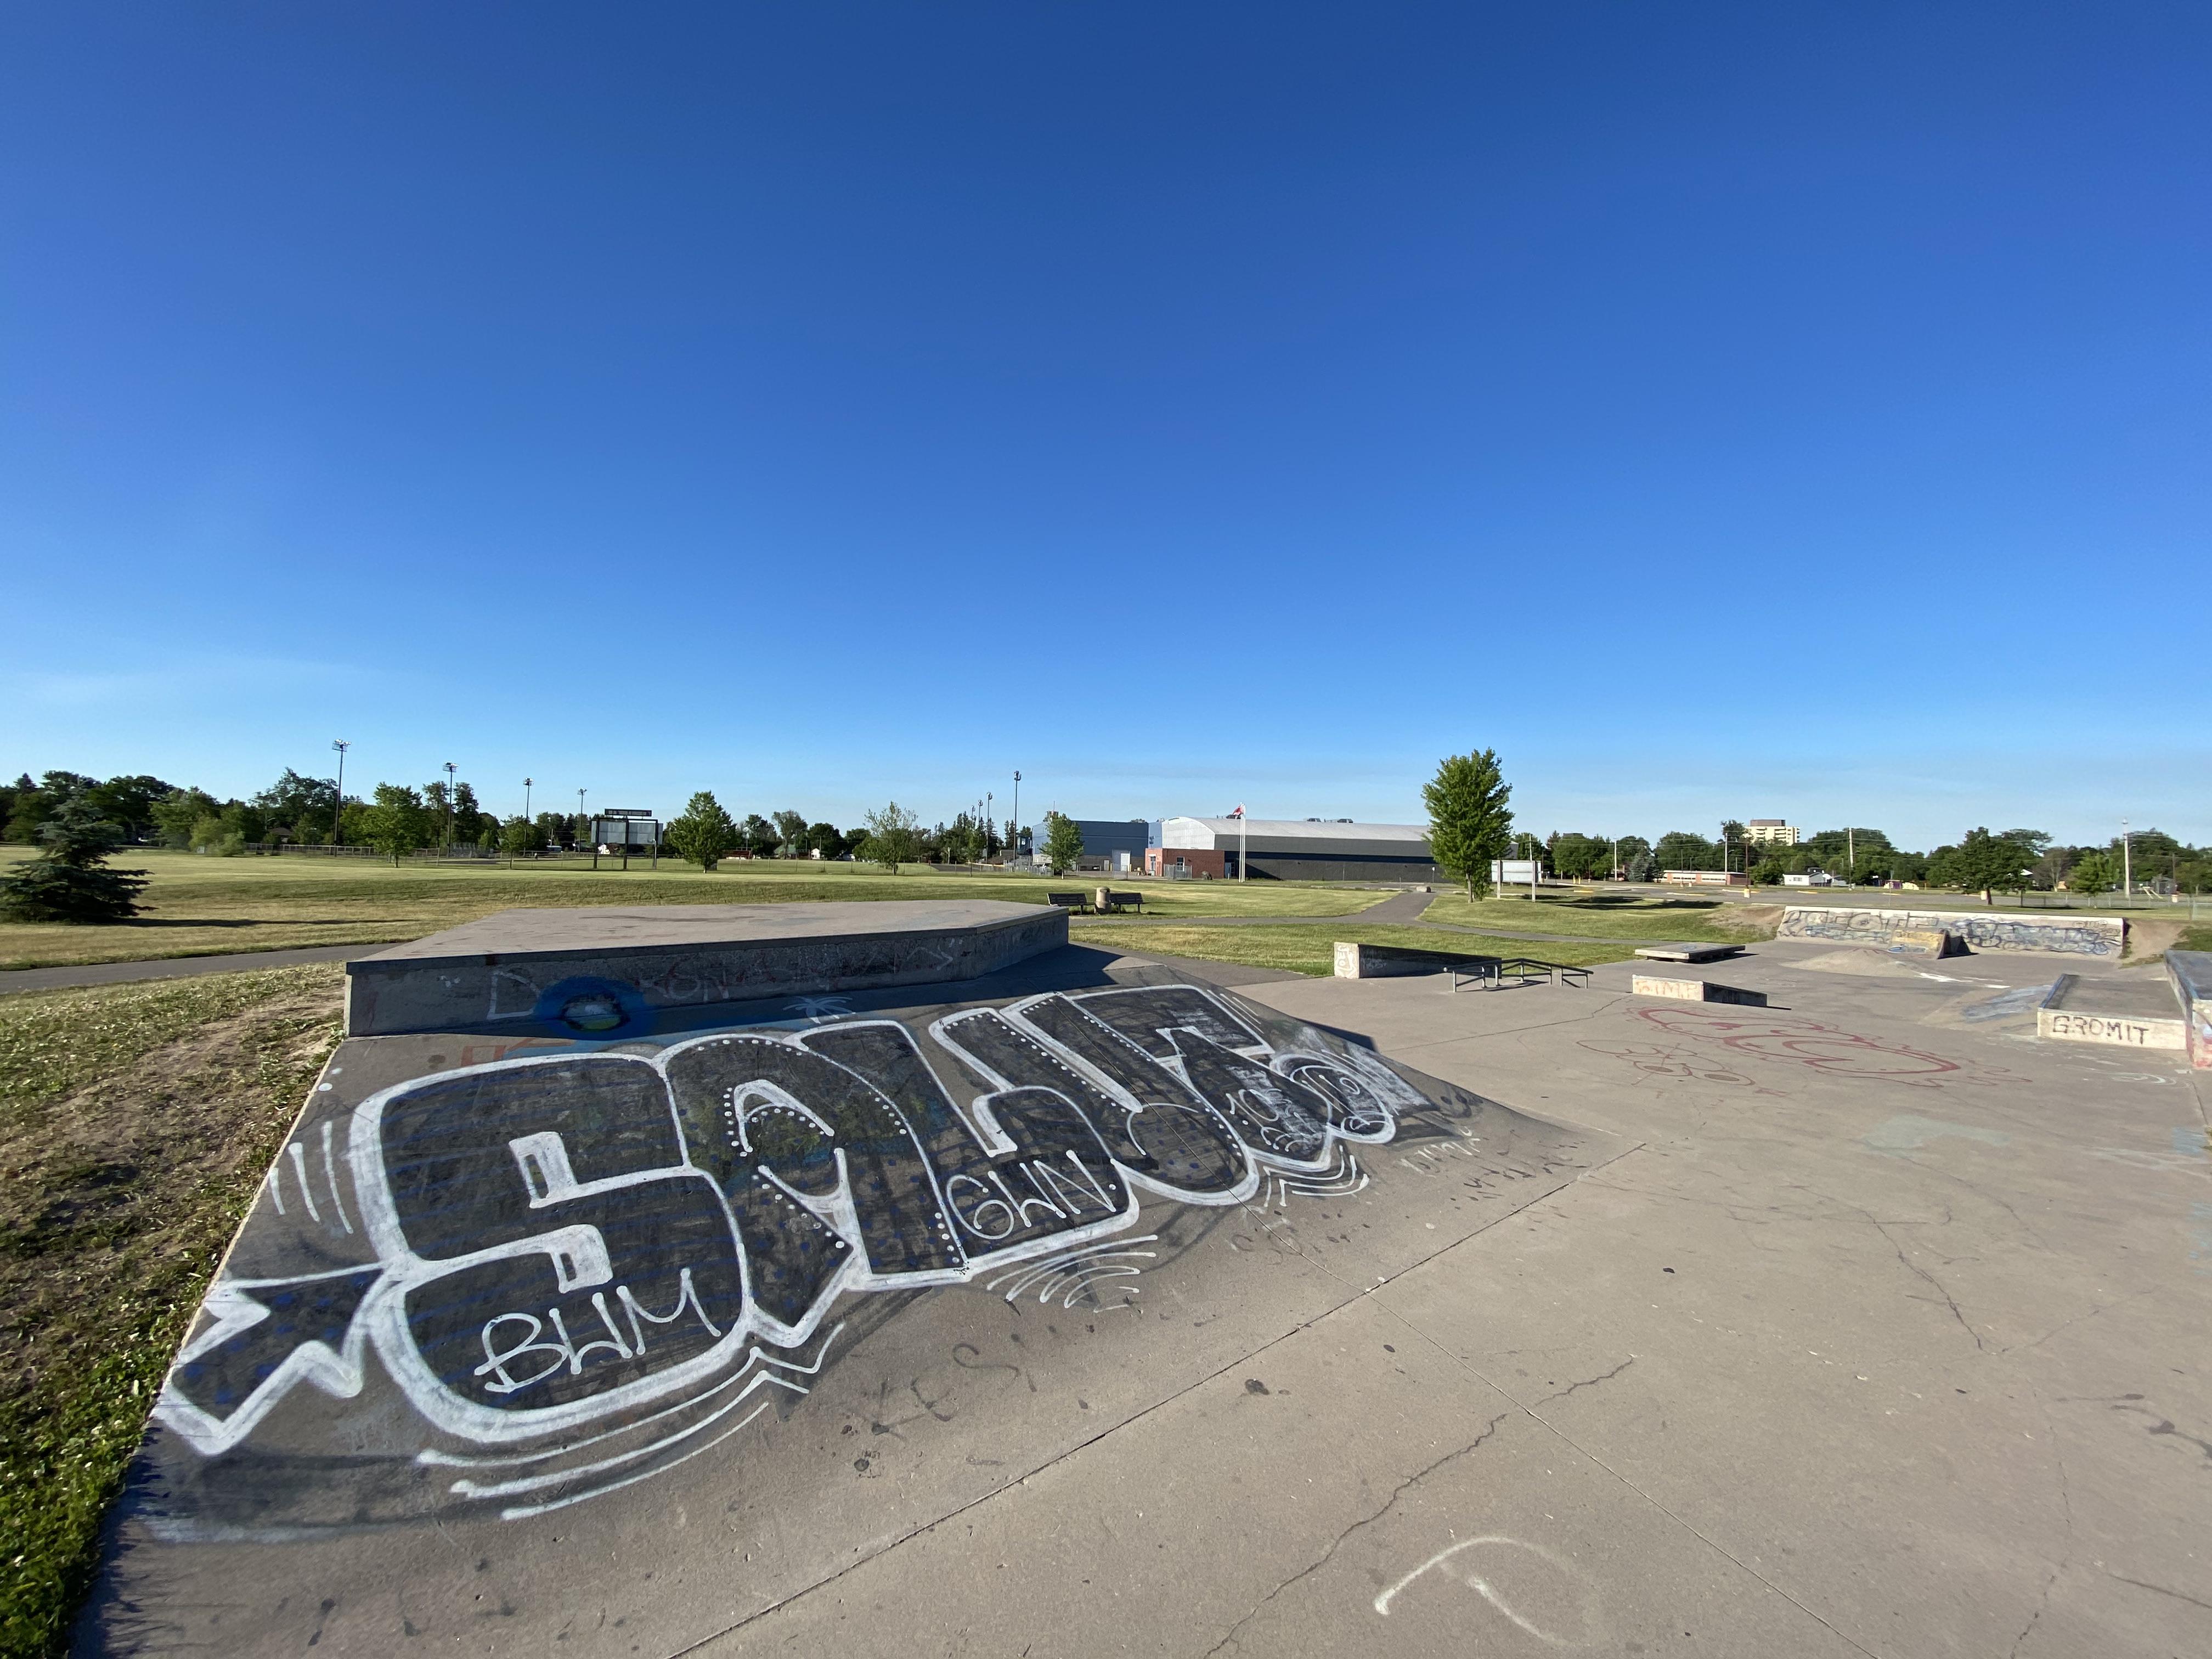 sault-ste marie skatepark bank to ledge